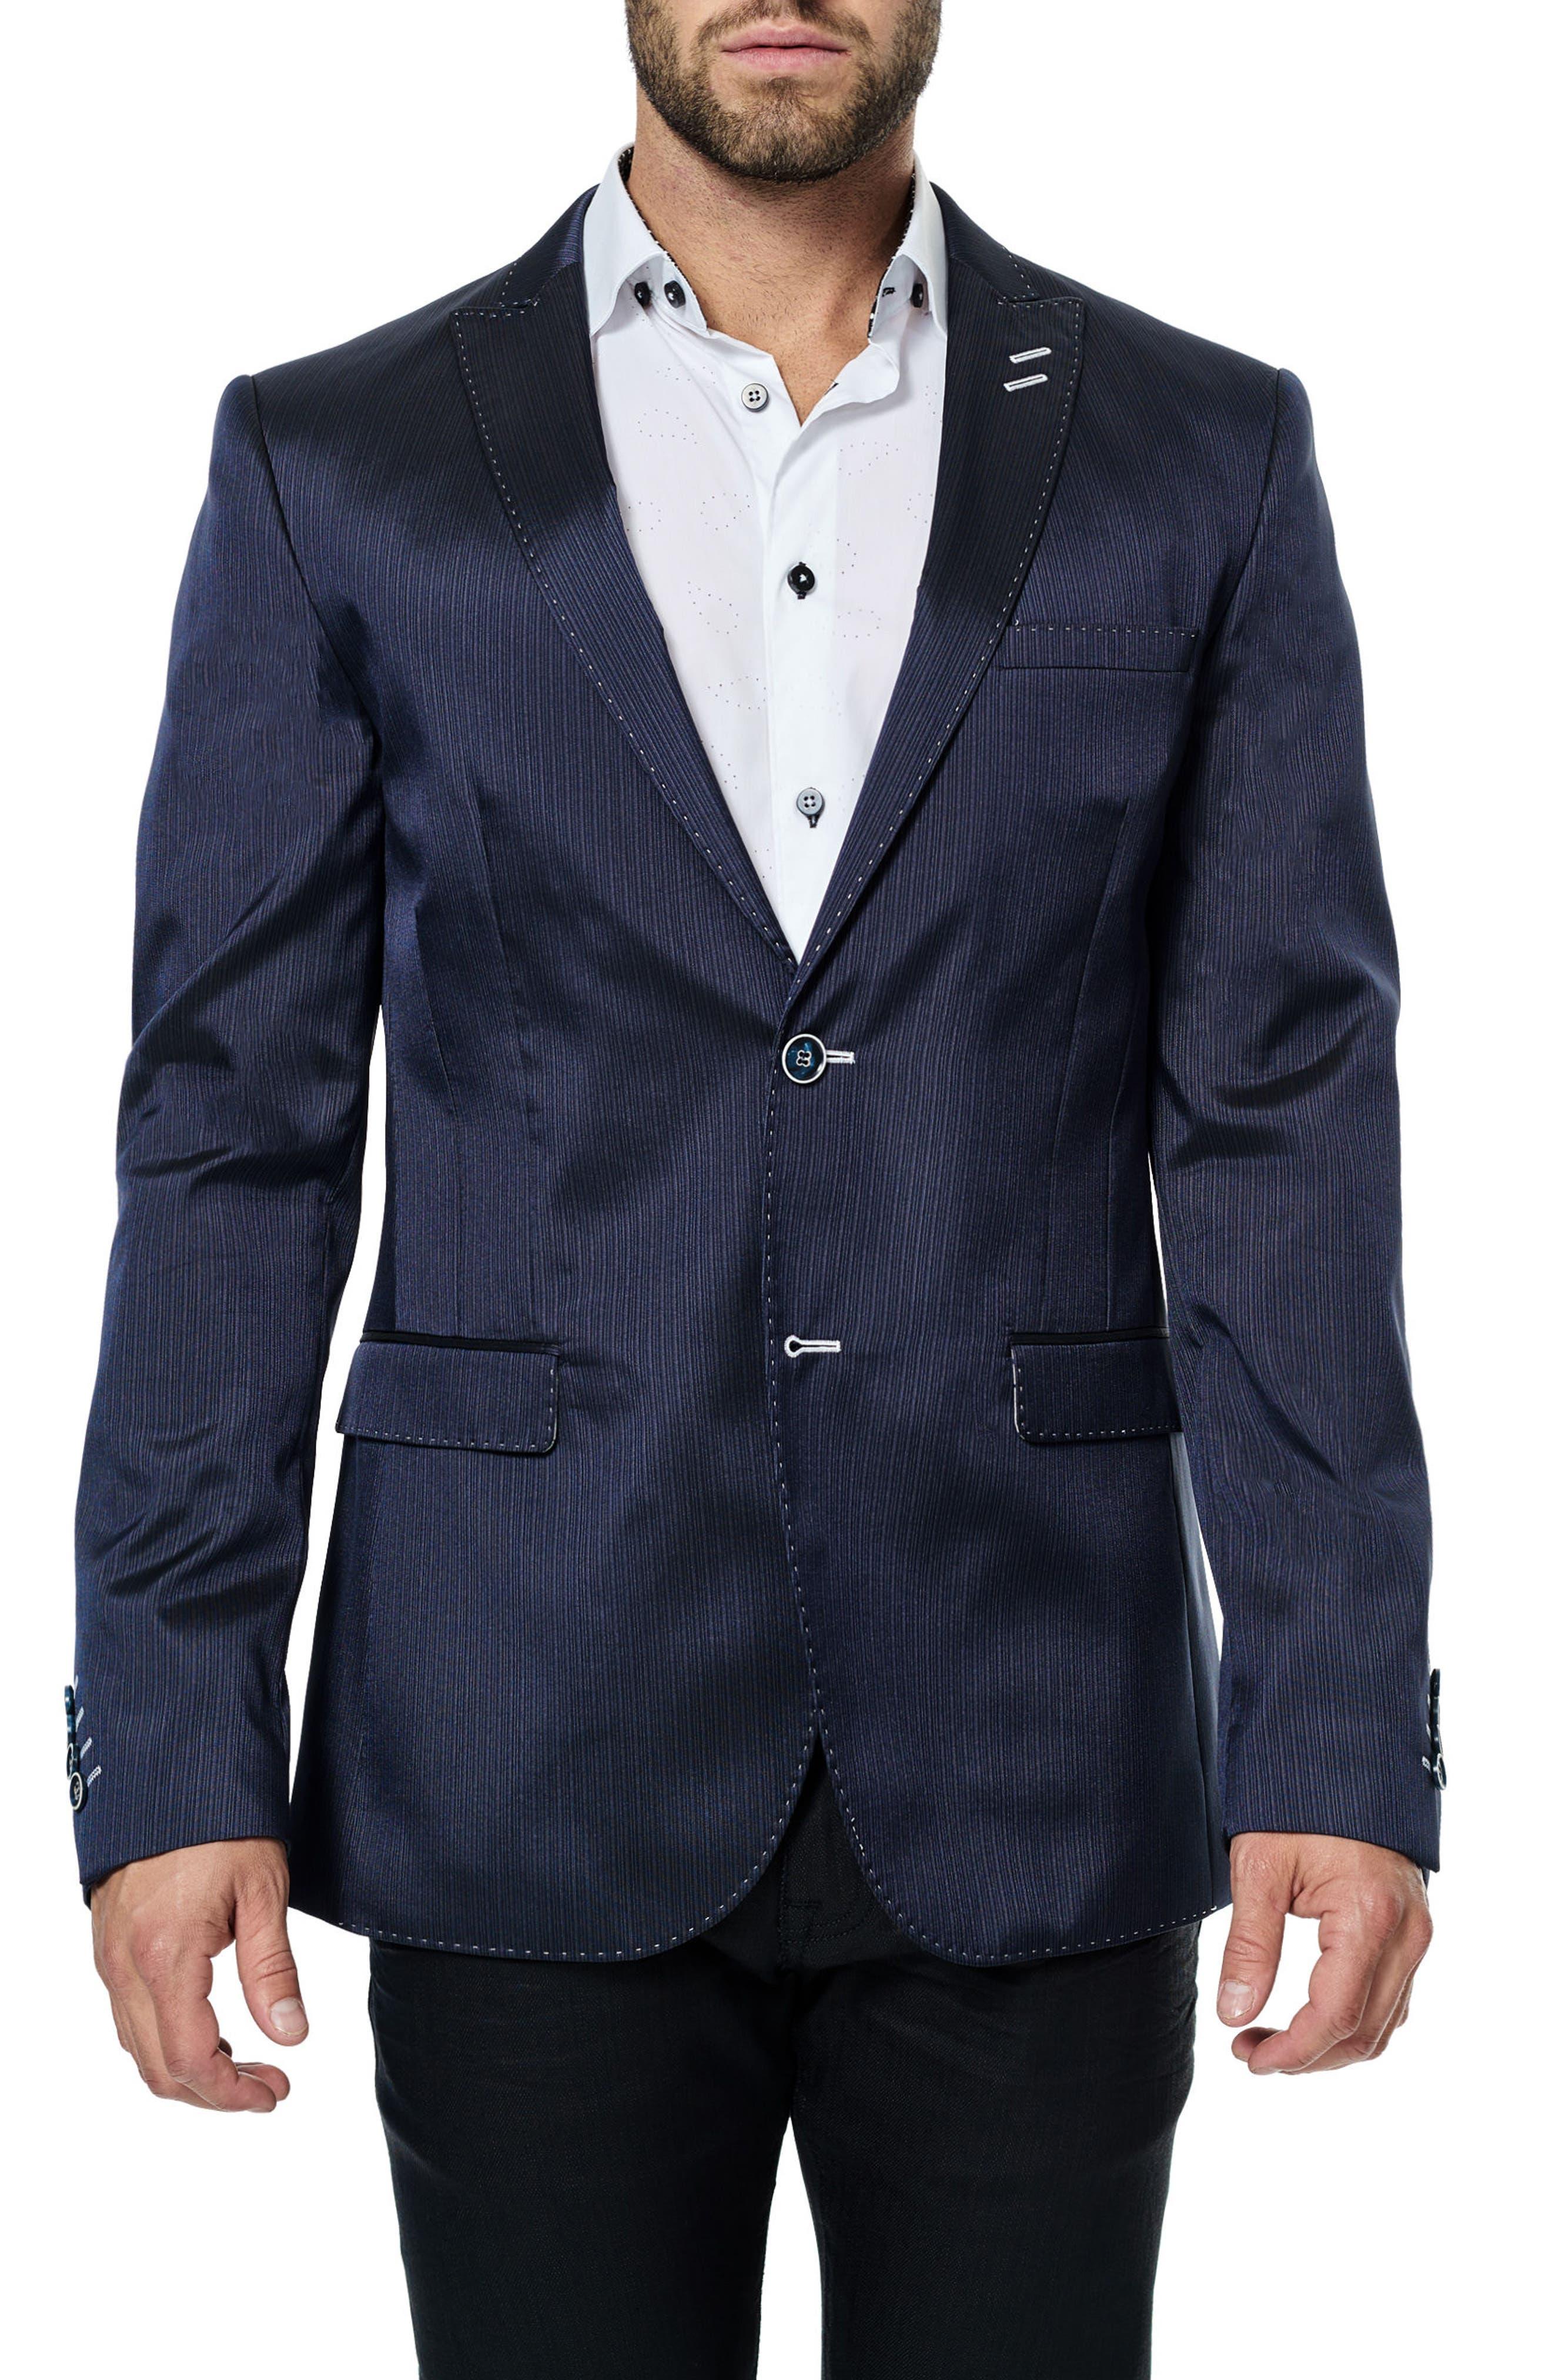 Descartes Stripe Sport Coat,                             Main thumbnail 1, color,                             Navy Blue